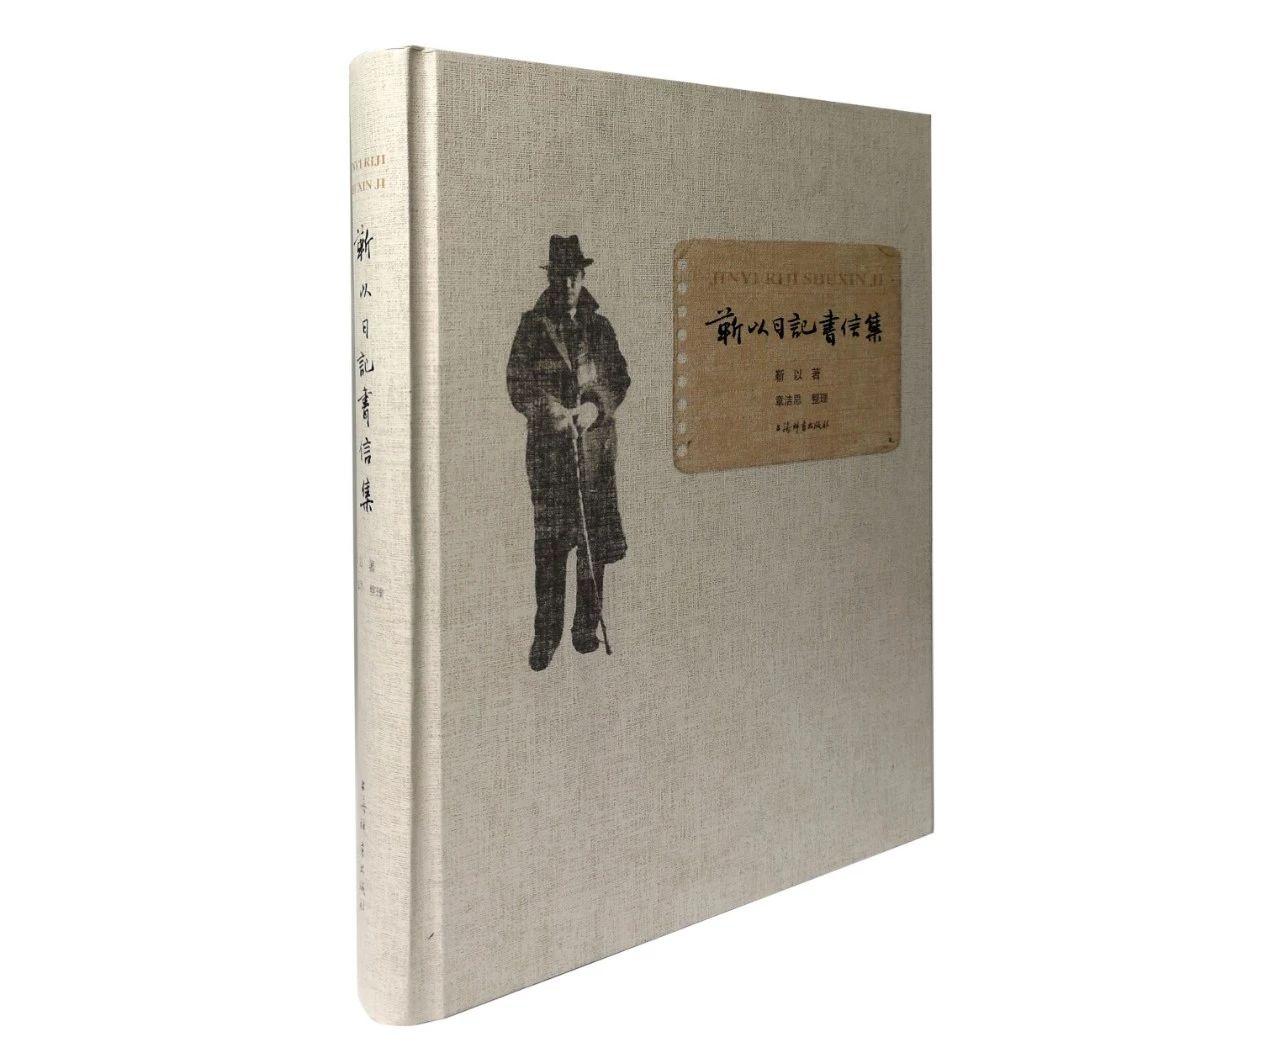 十四年的辨认注释,终于等来《靳以日记书信集》的首次整理出版!